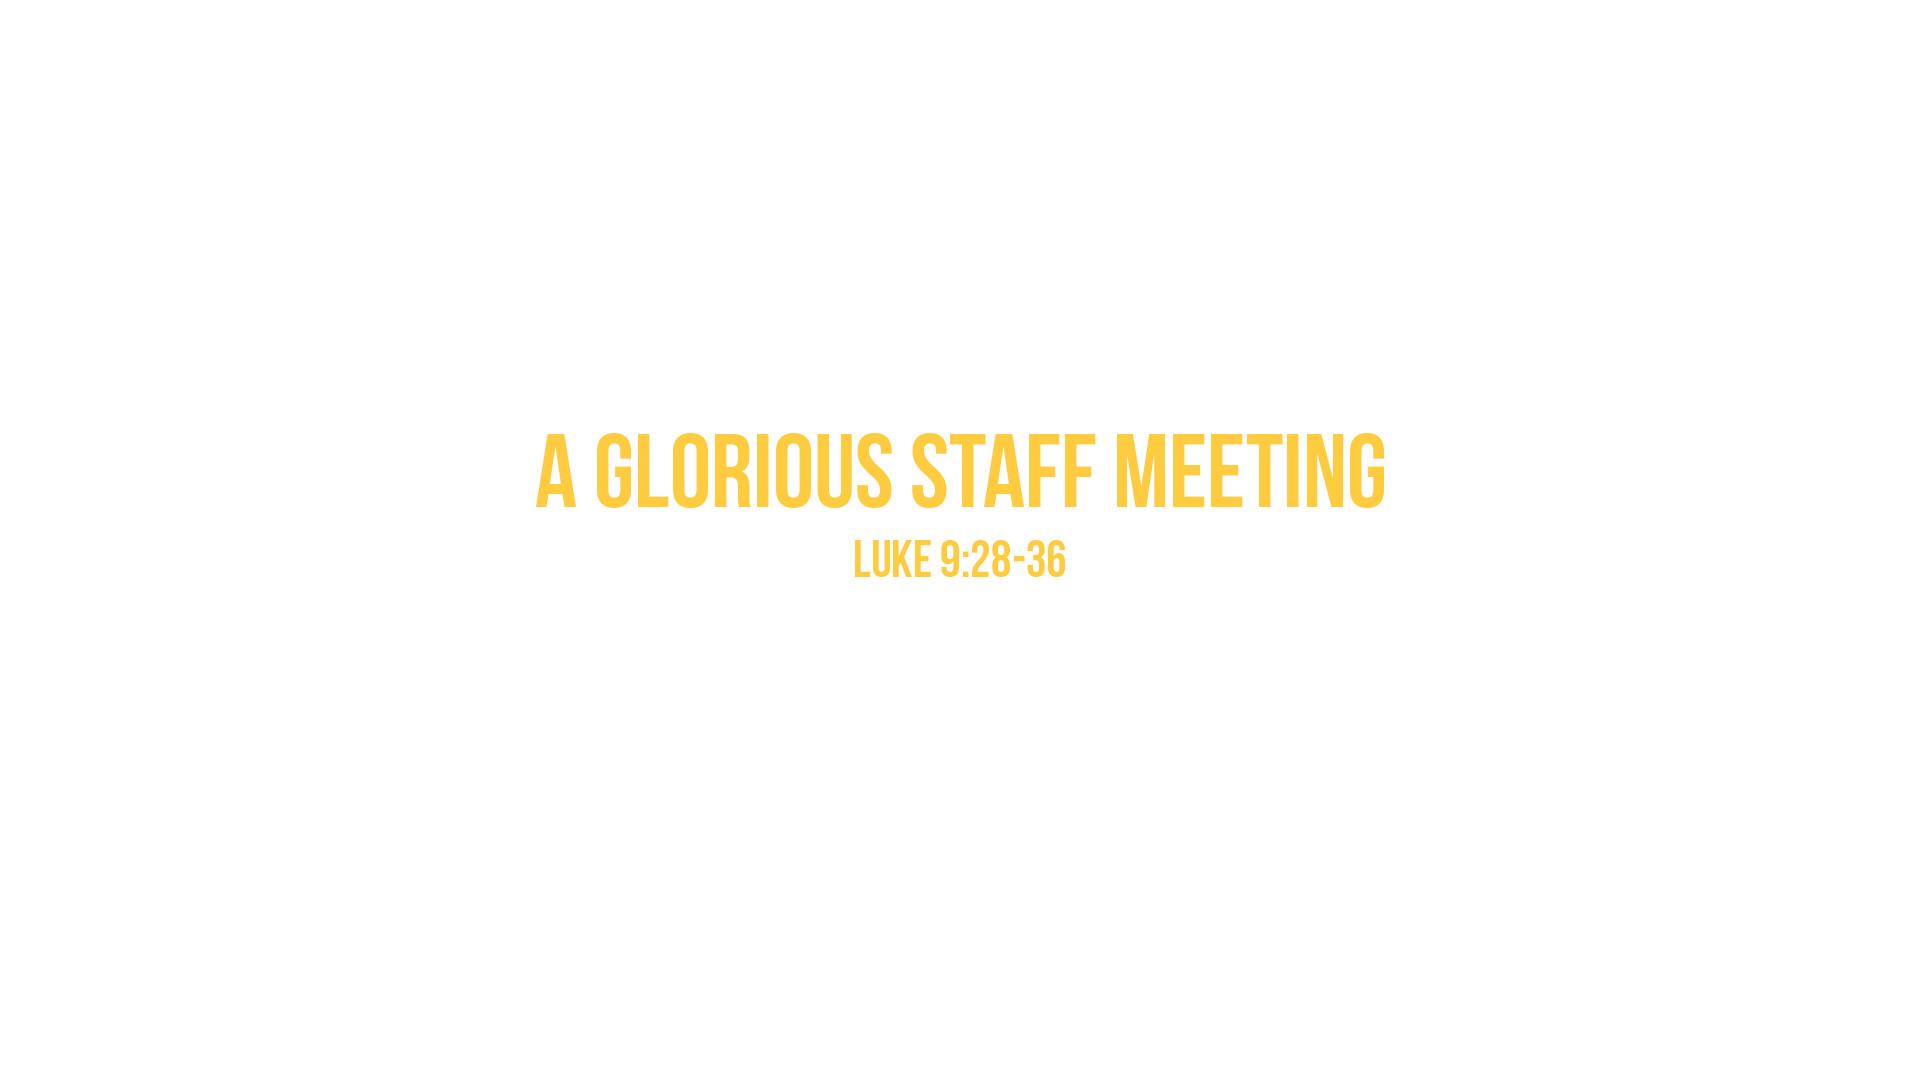 Glorious Staff Meeting.jpg